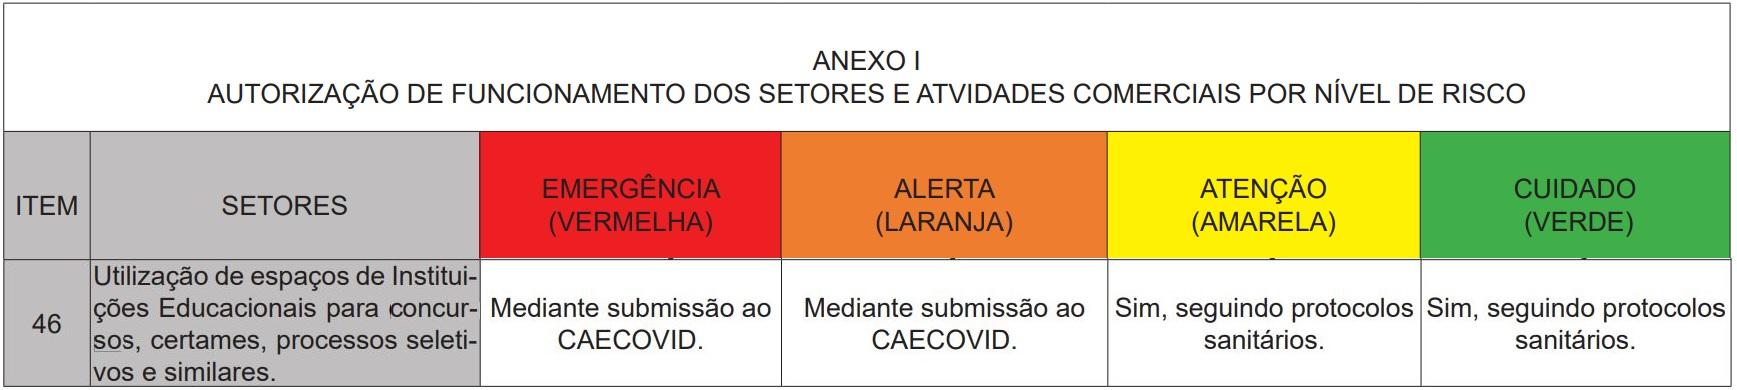 Concursos Acre: VEJA como ficará de acordo com os níveis de risco